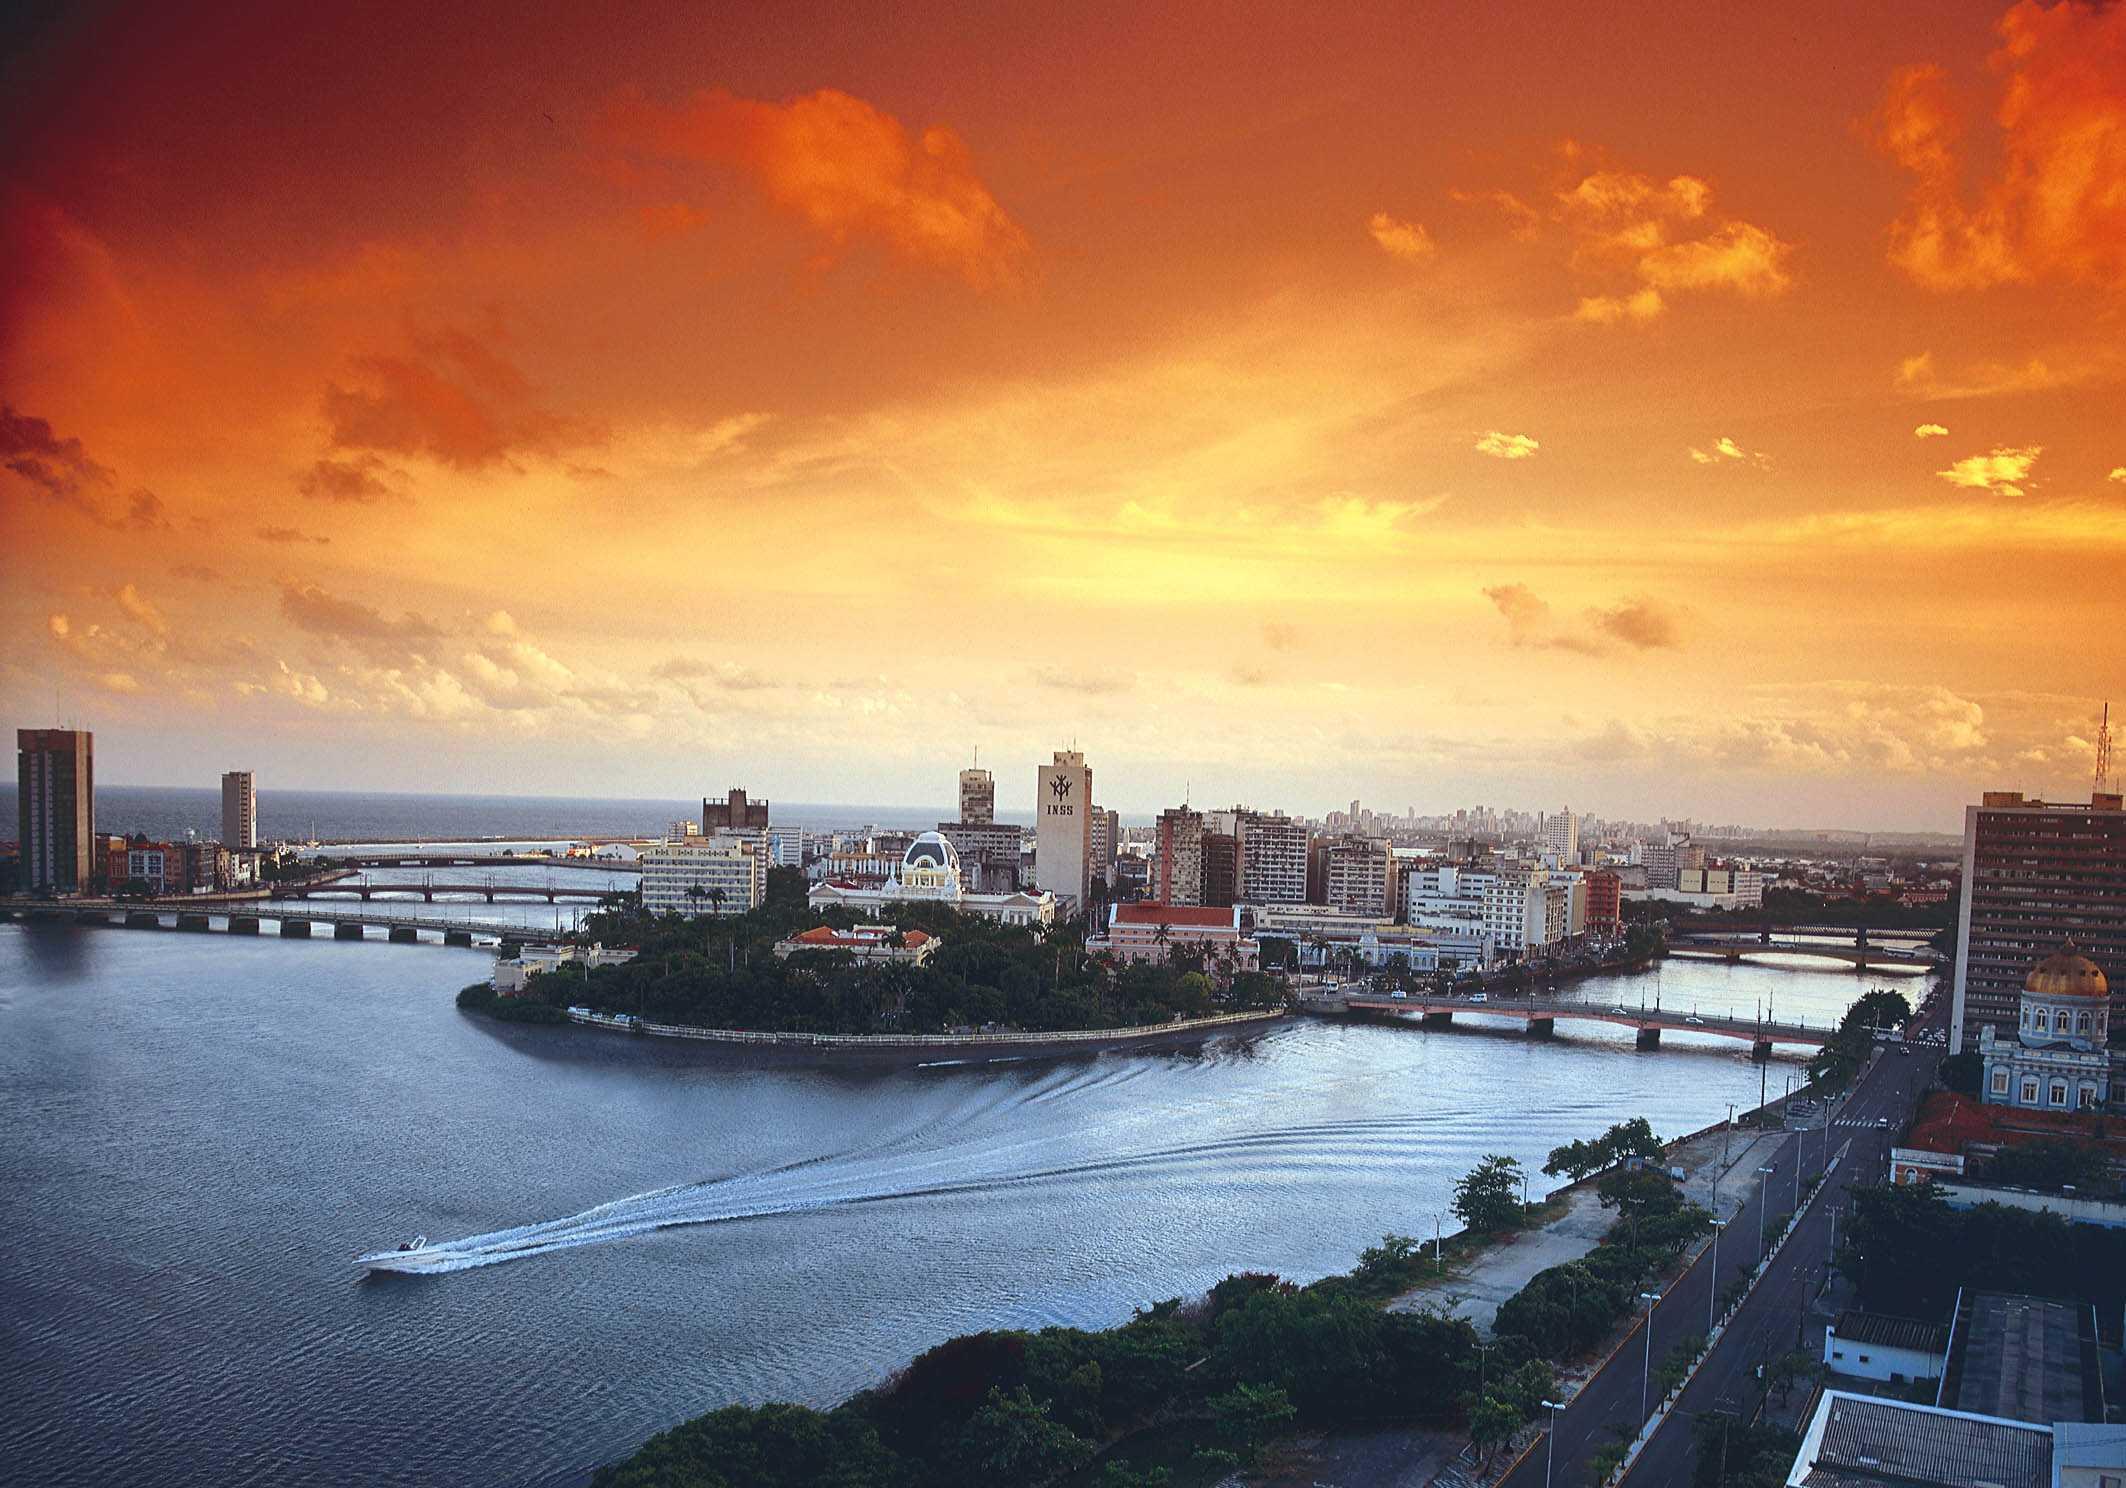 http://www.cin.ufpe.br/%7Epsse/2007/images/Foto_Recife.jpg